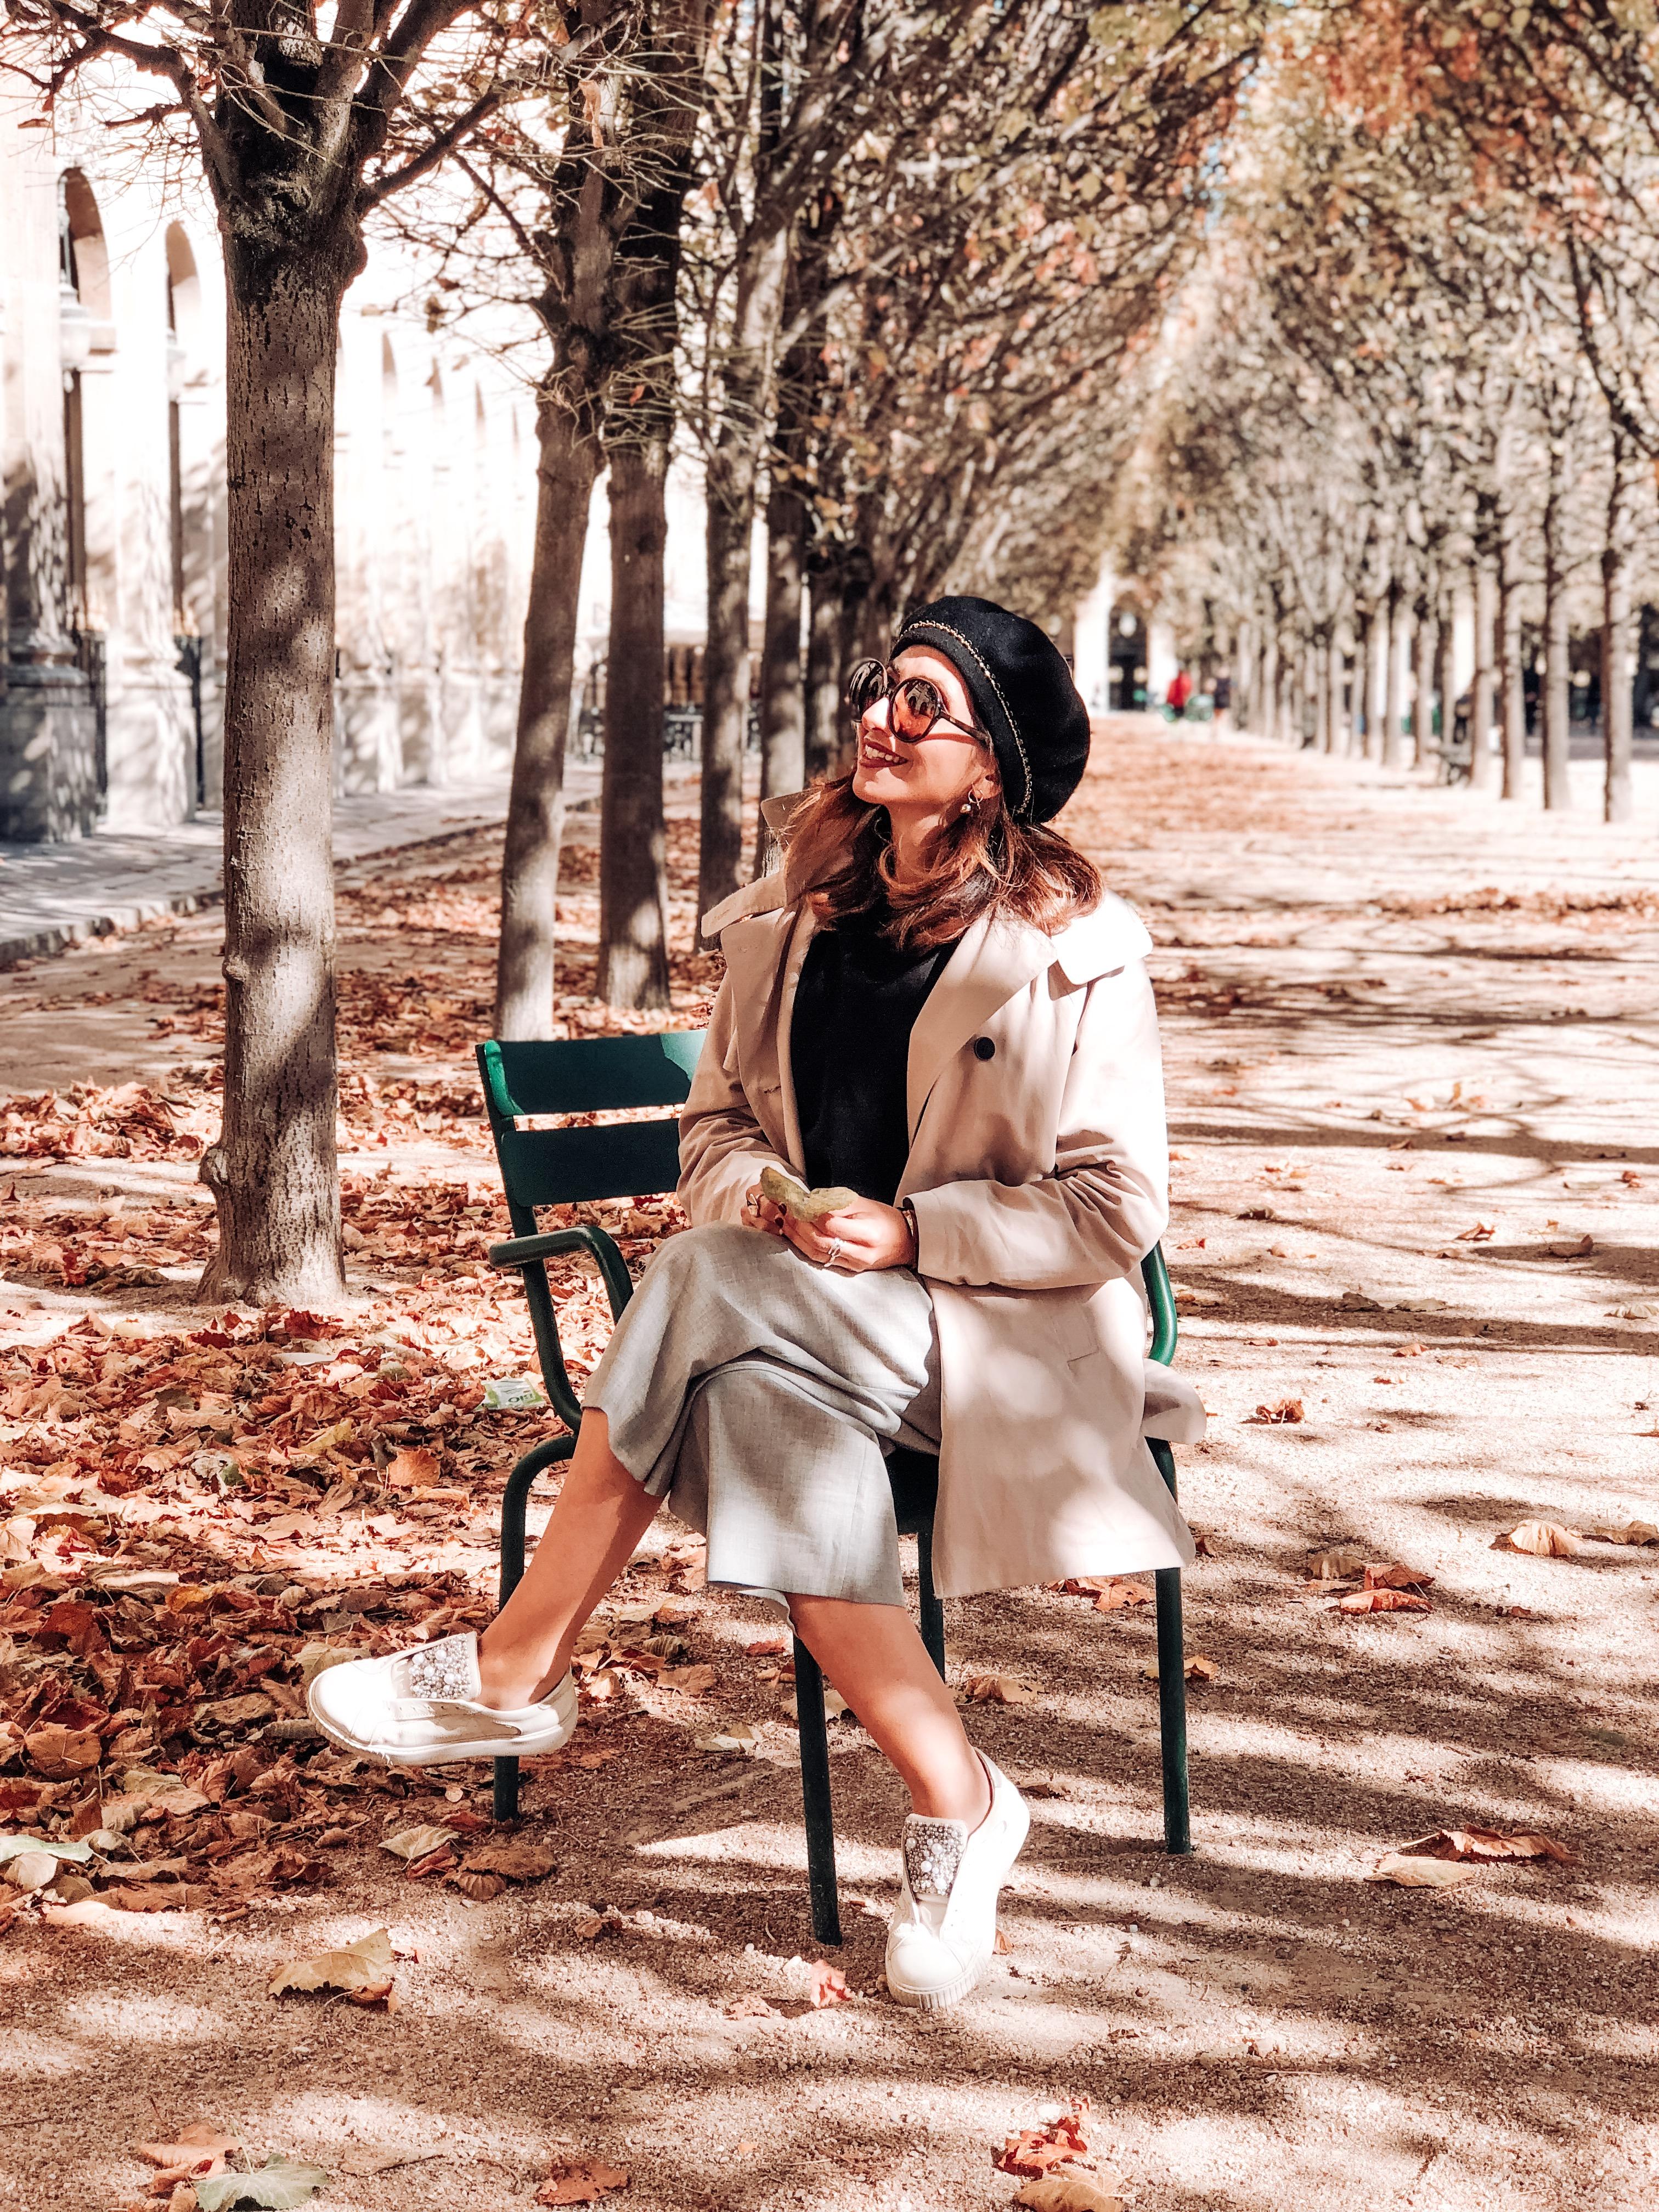 Palais Royal, Parigi in autunno, jardin de luxembourg, Impastastorie, impastastorie bistrot, autumn in paris, Champ de Mars, Tour eiffel, eiffel tower in autumn